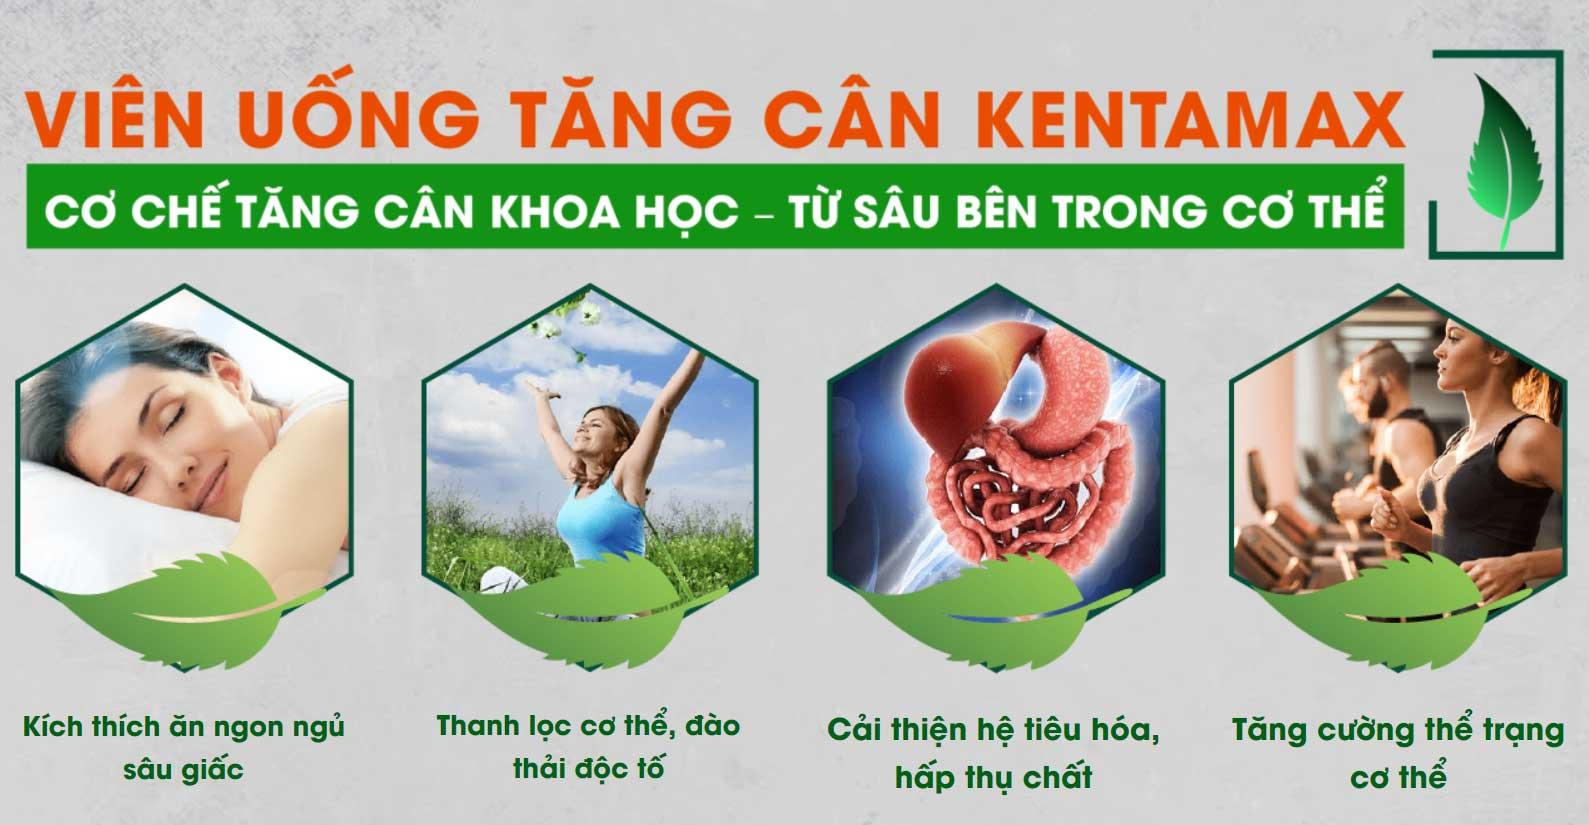 Cơ chế tác động của viên uống tăng cân Kentamax